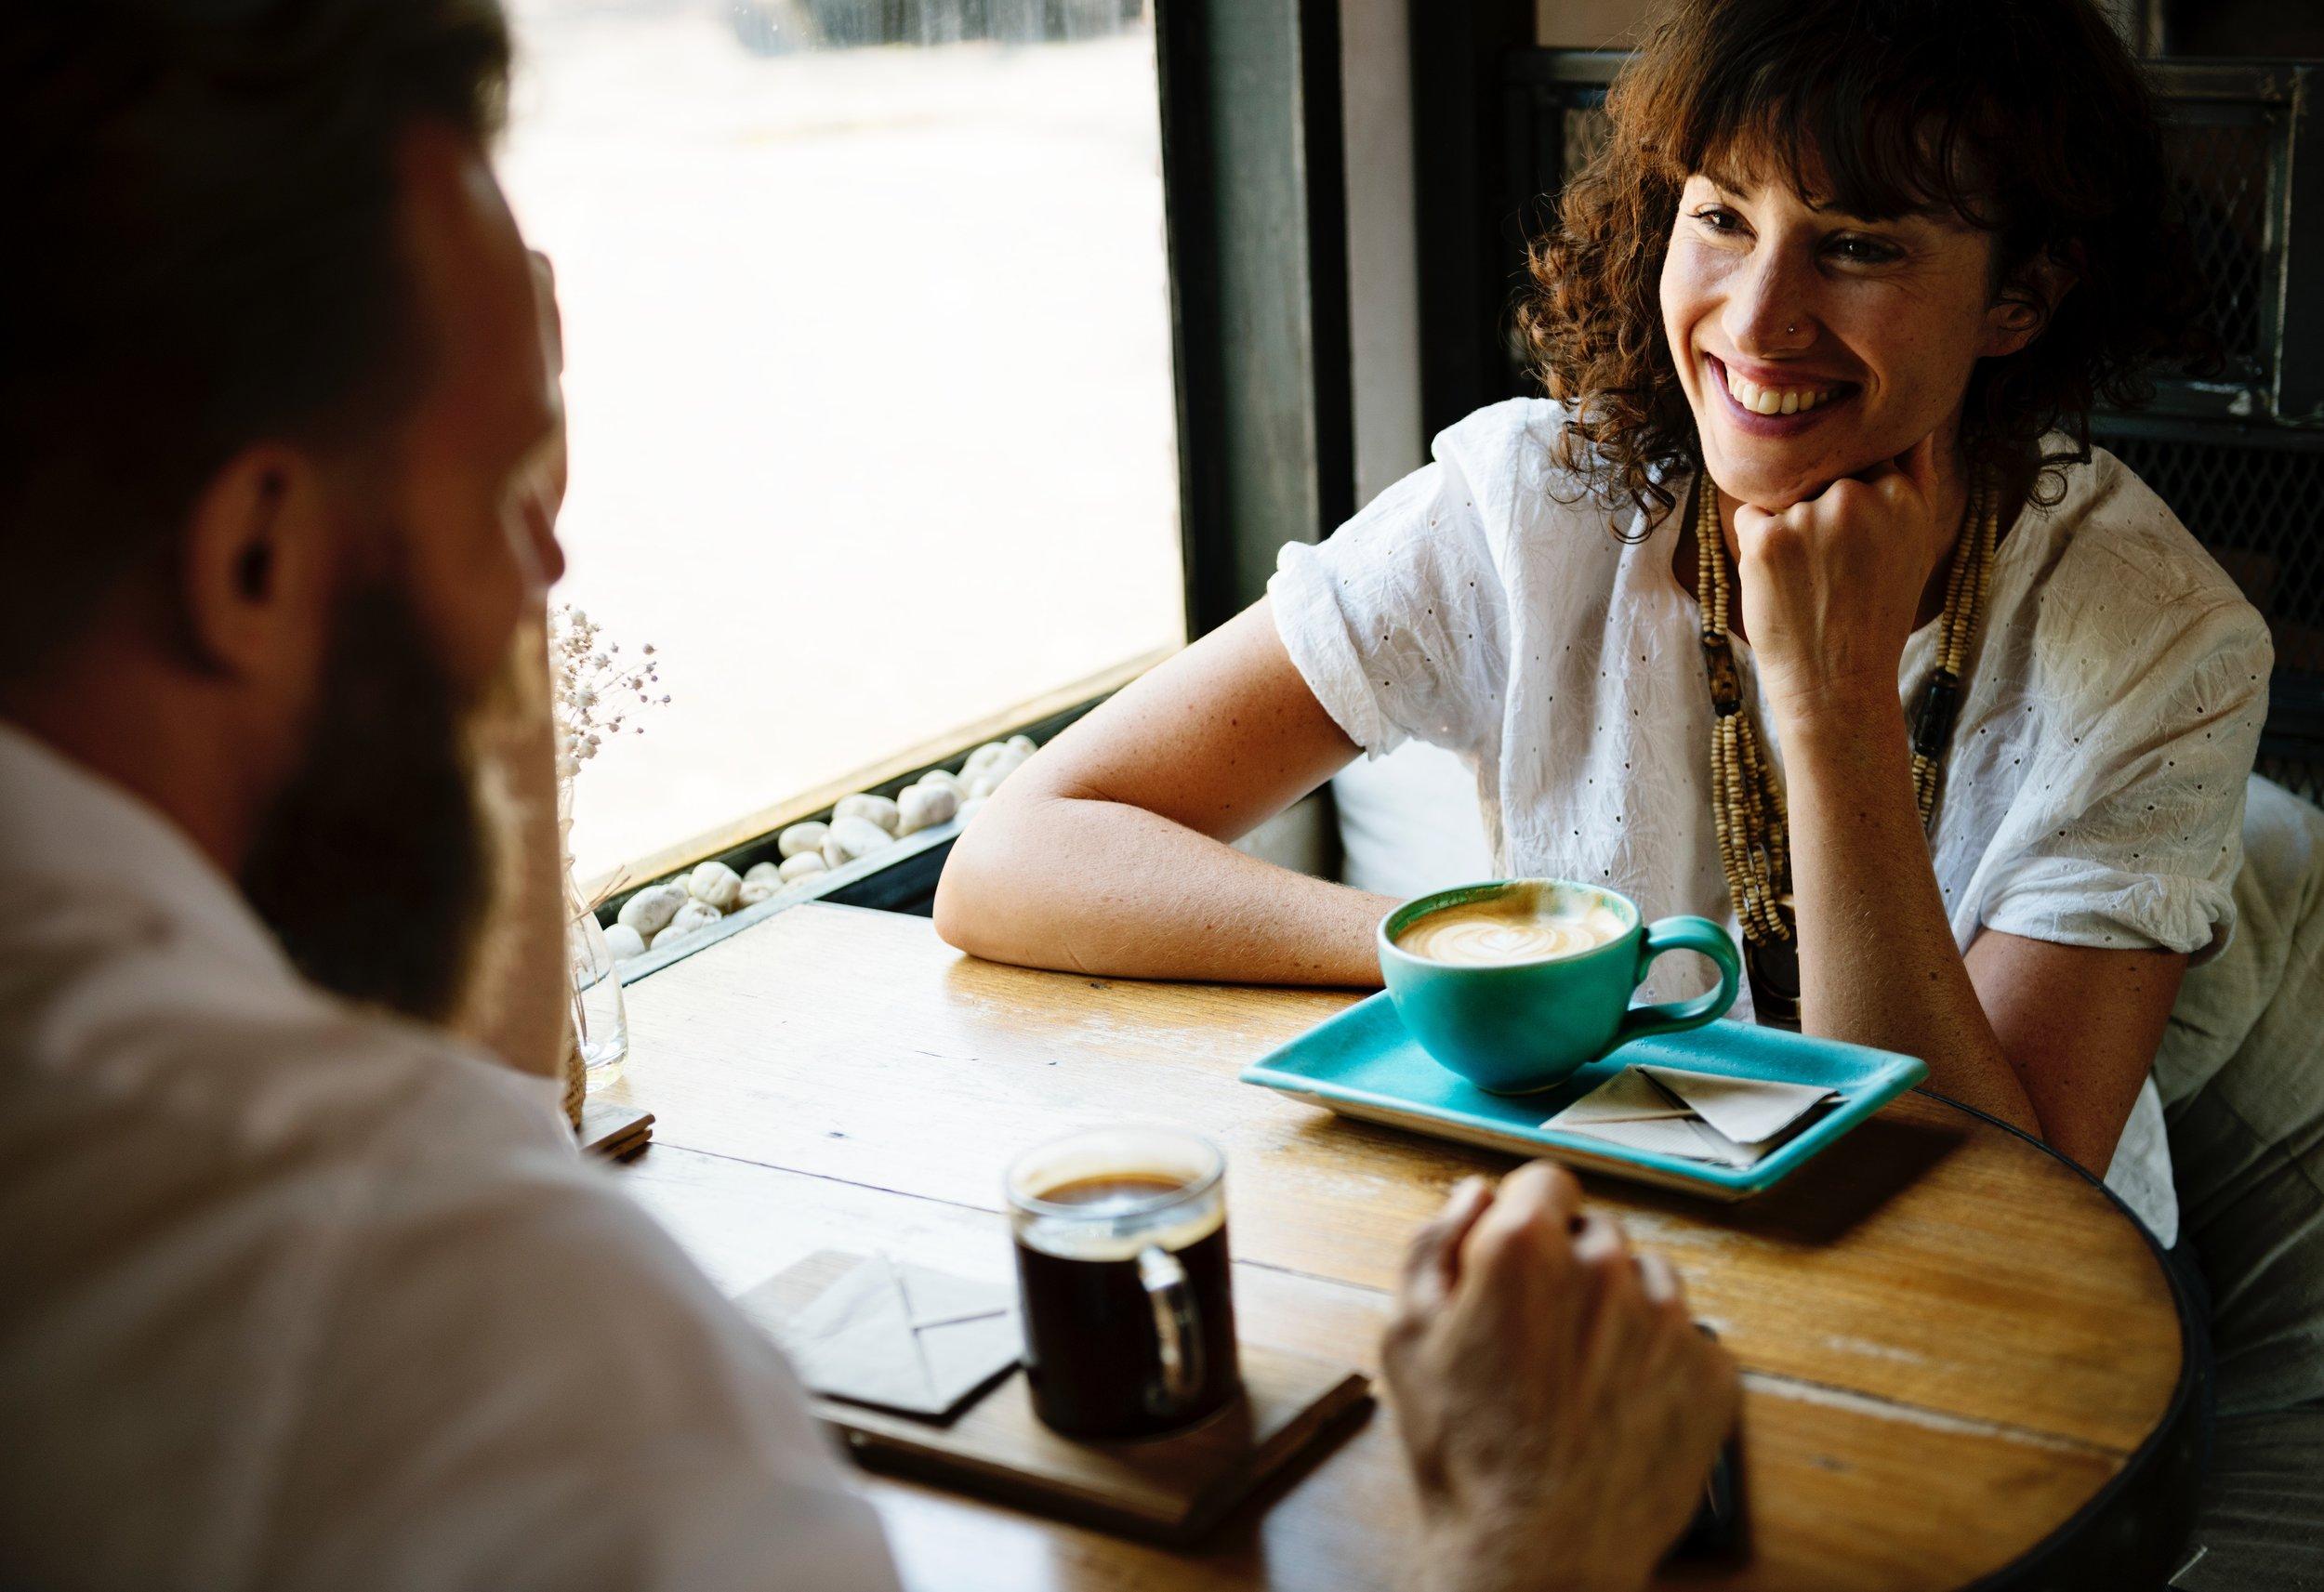 CoffeeShop-AprildawnPhotography-Feb2019_3.jpg